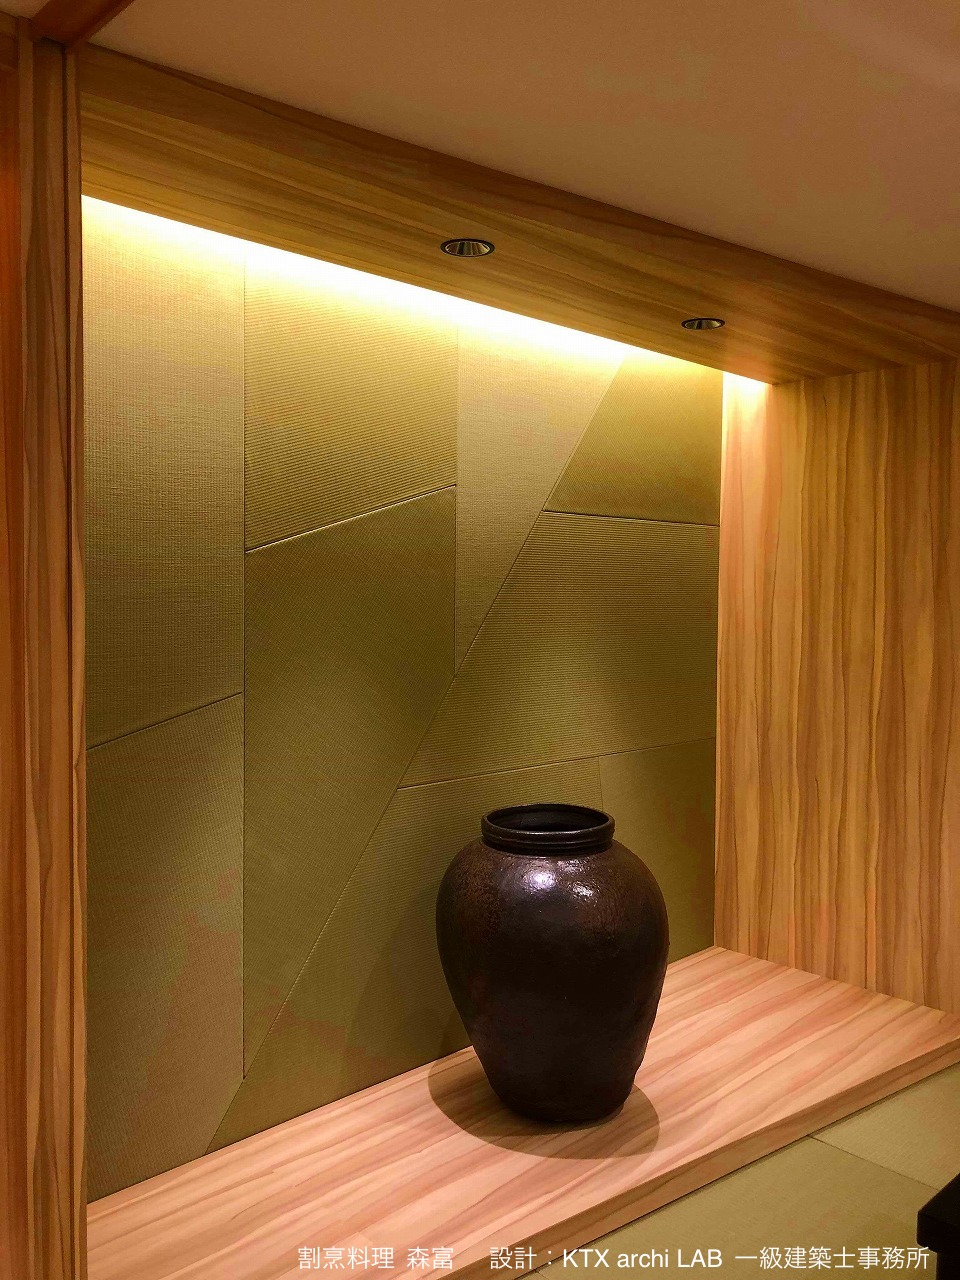 壁畳 wall tatami